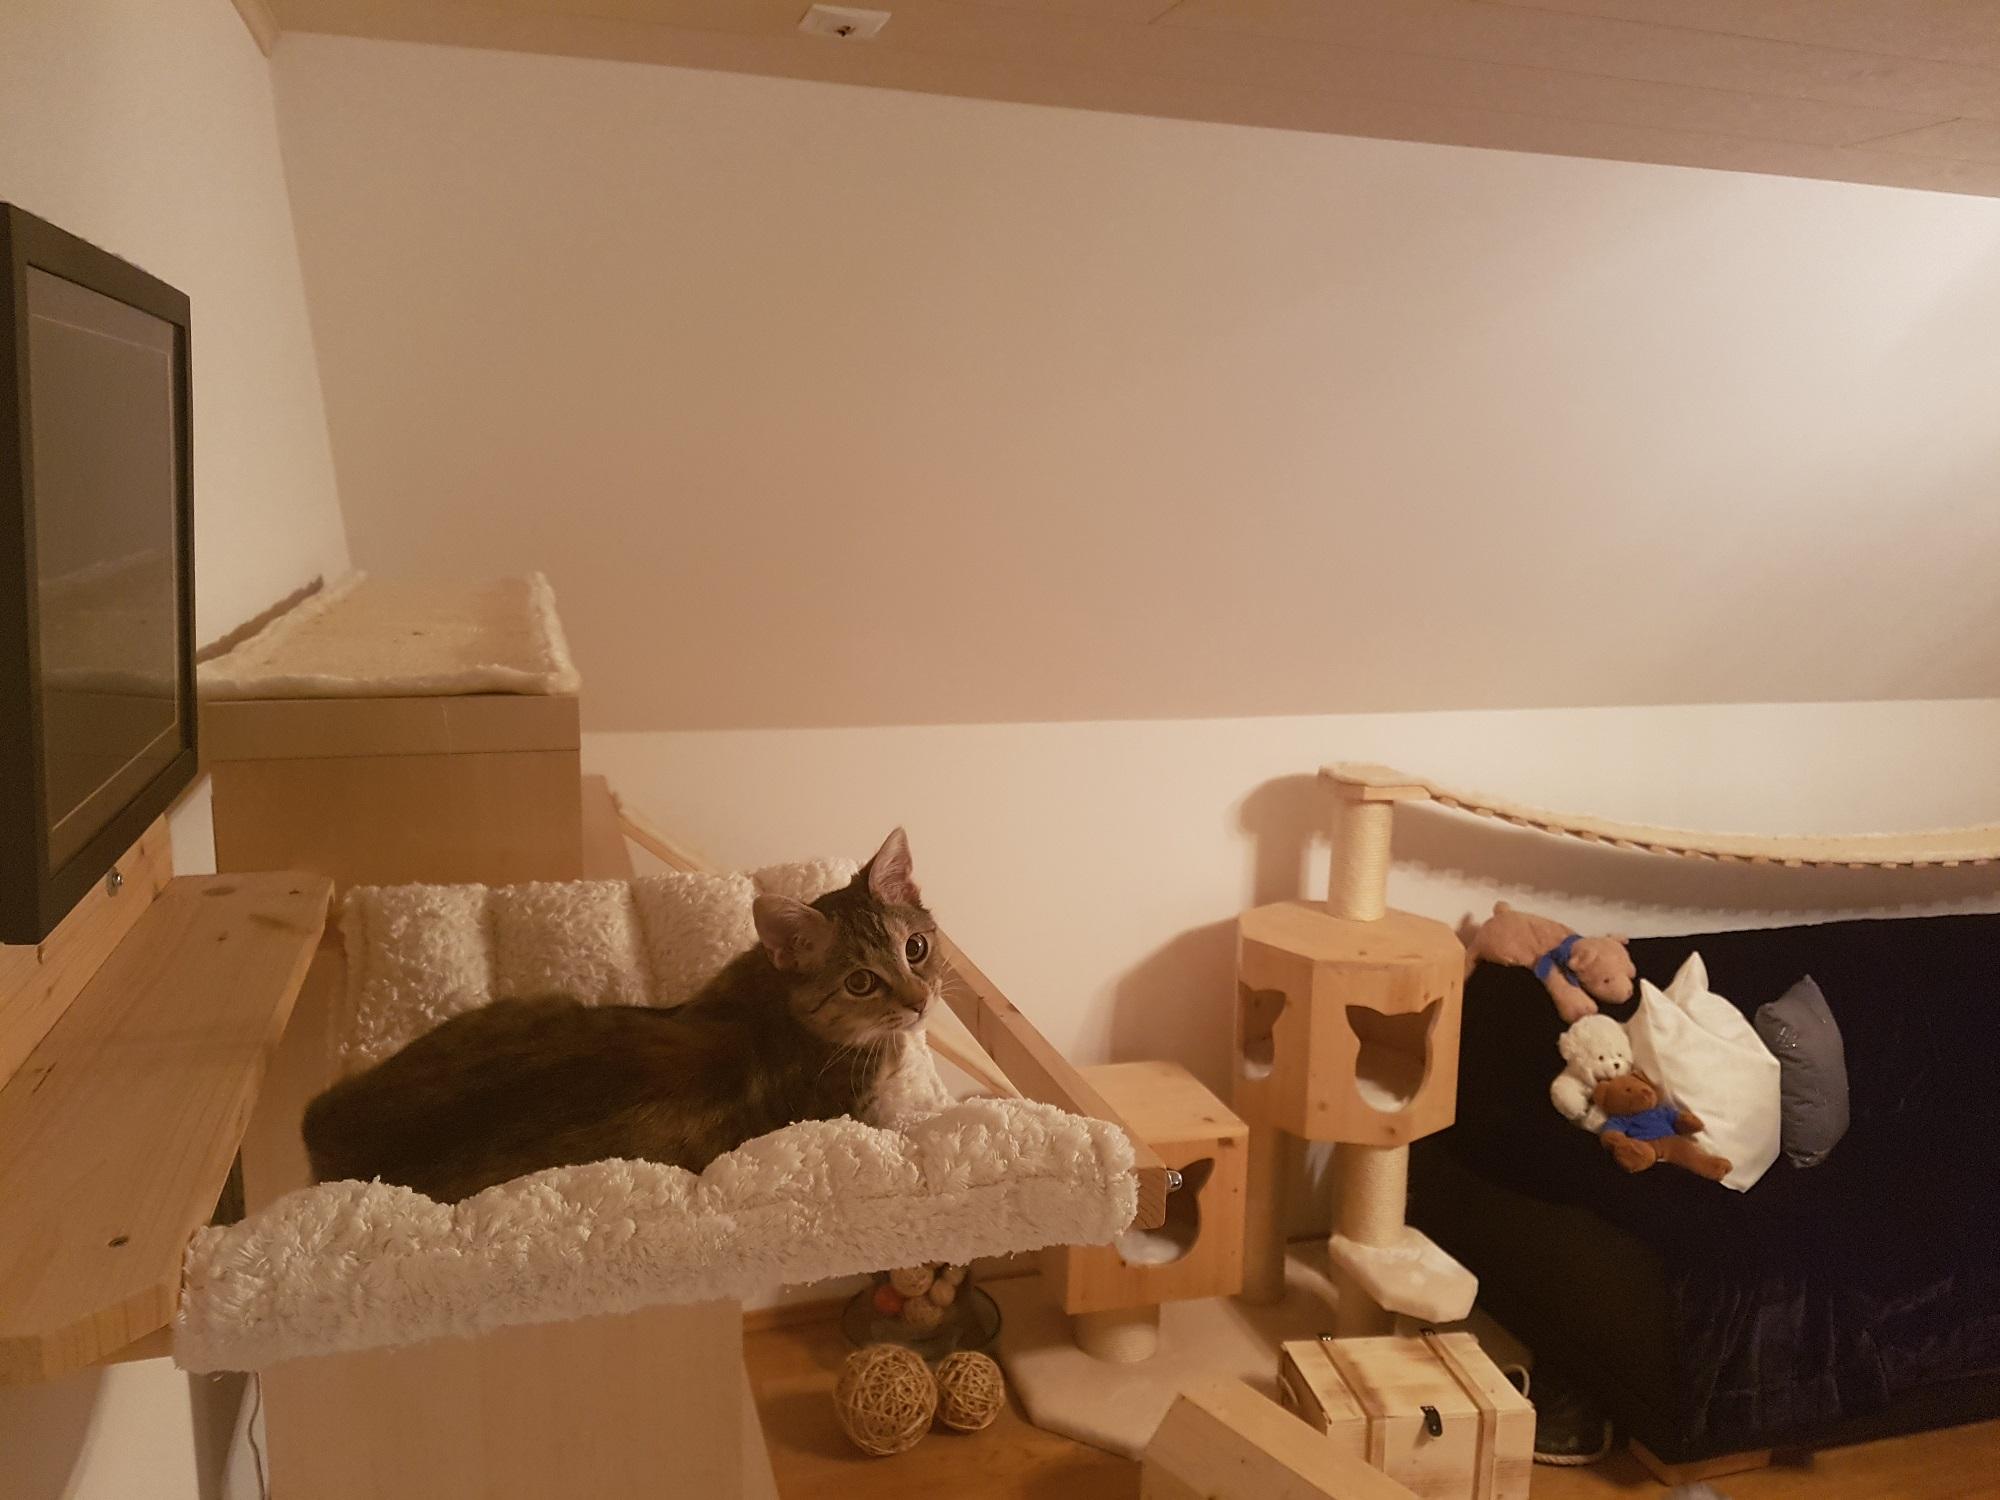 katzen wand selber bauen katzenbett selber bauen ag74 messianica katzenkletterwand eine. Black Bedroom Furniture Sets. Home Design Ideas